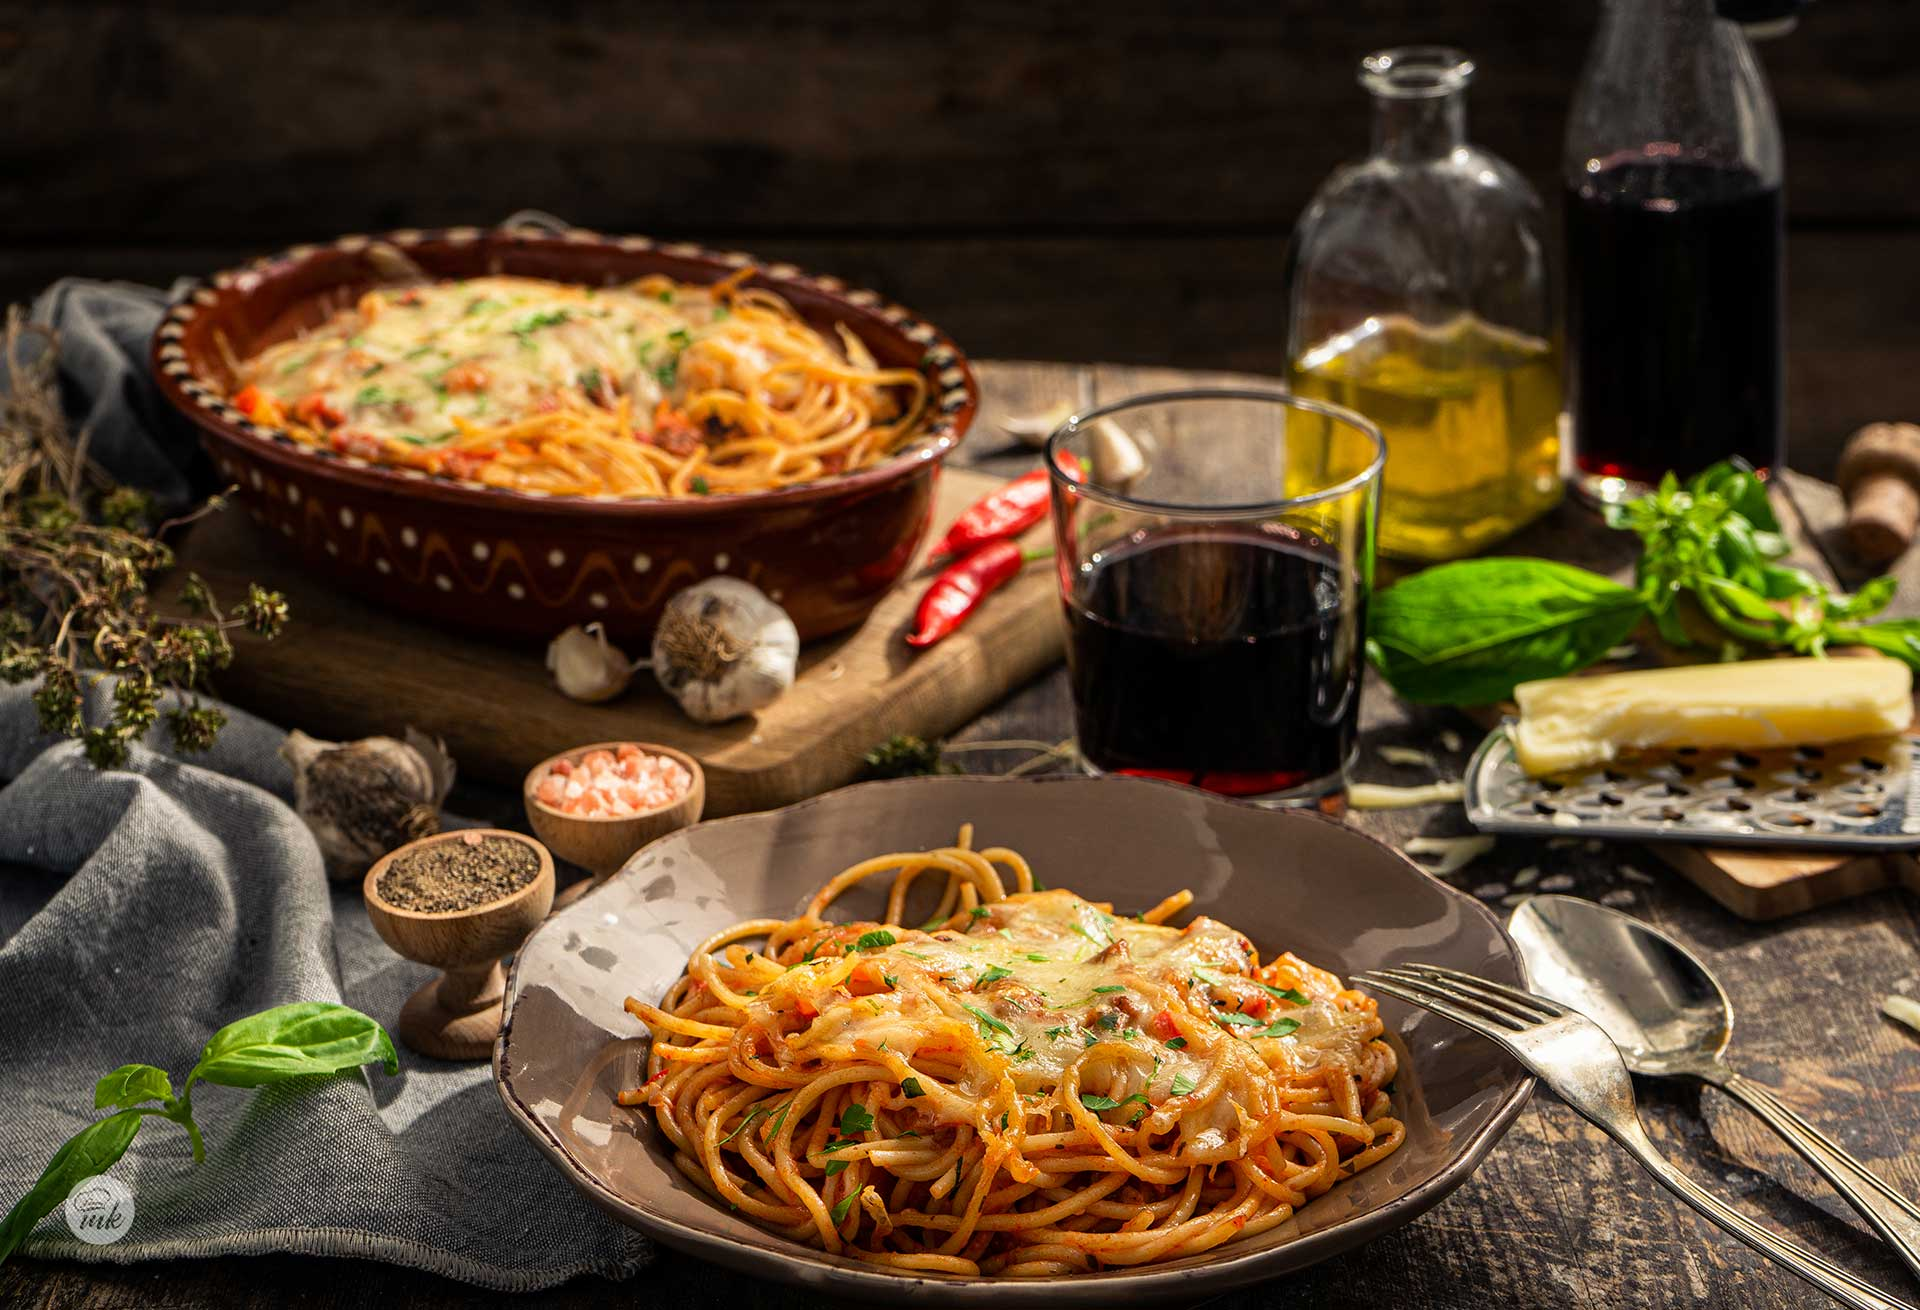 Спагети в гювече, севирани в чиния и гювече, с люти чушки, зехтин,чесън, кашкавал и босилек, снимани отстрани